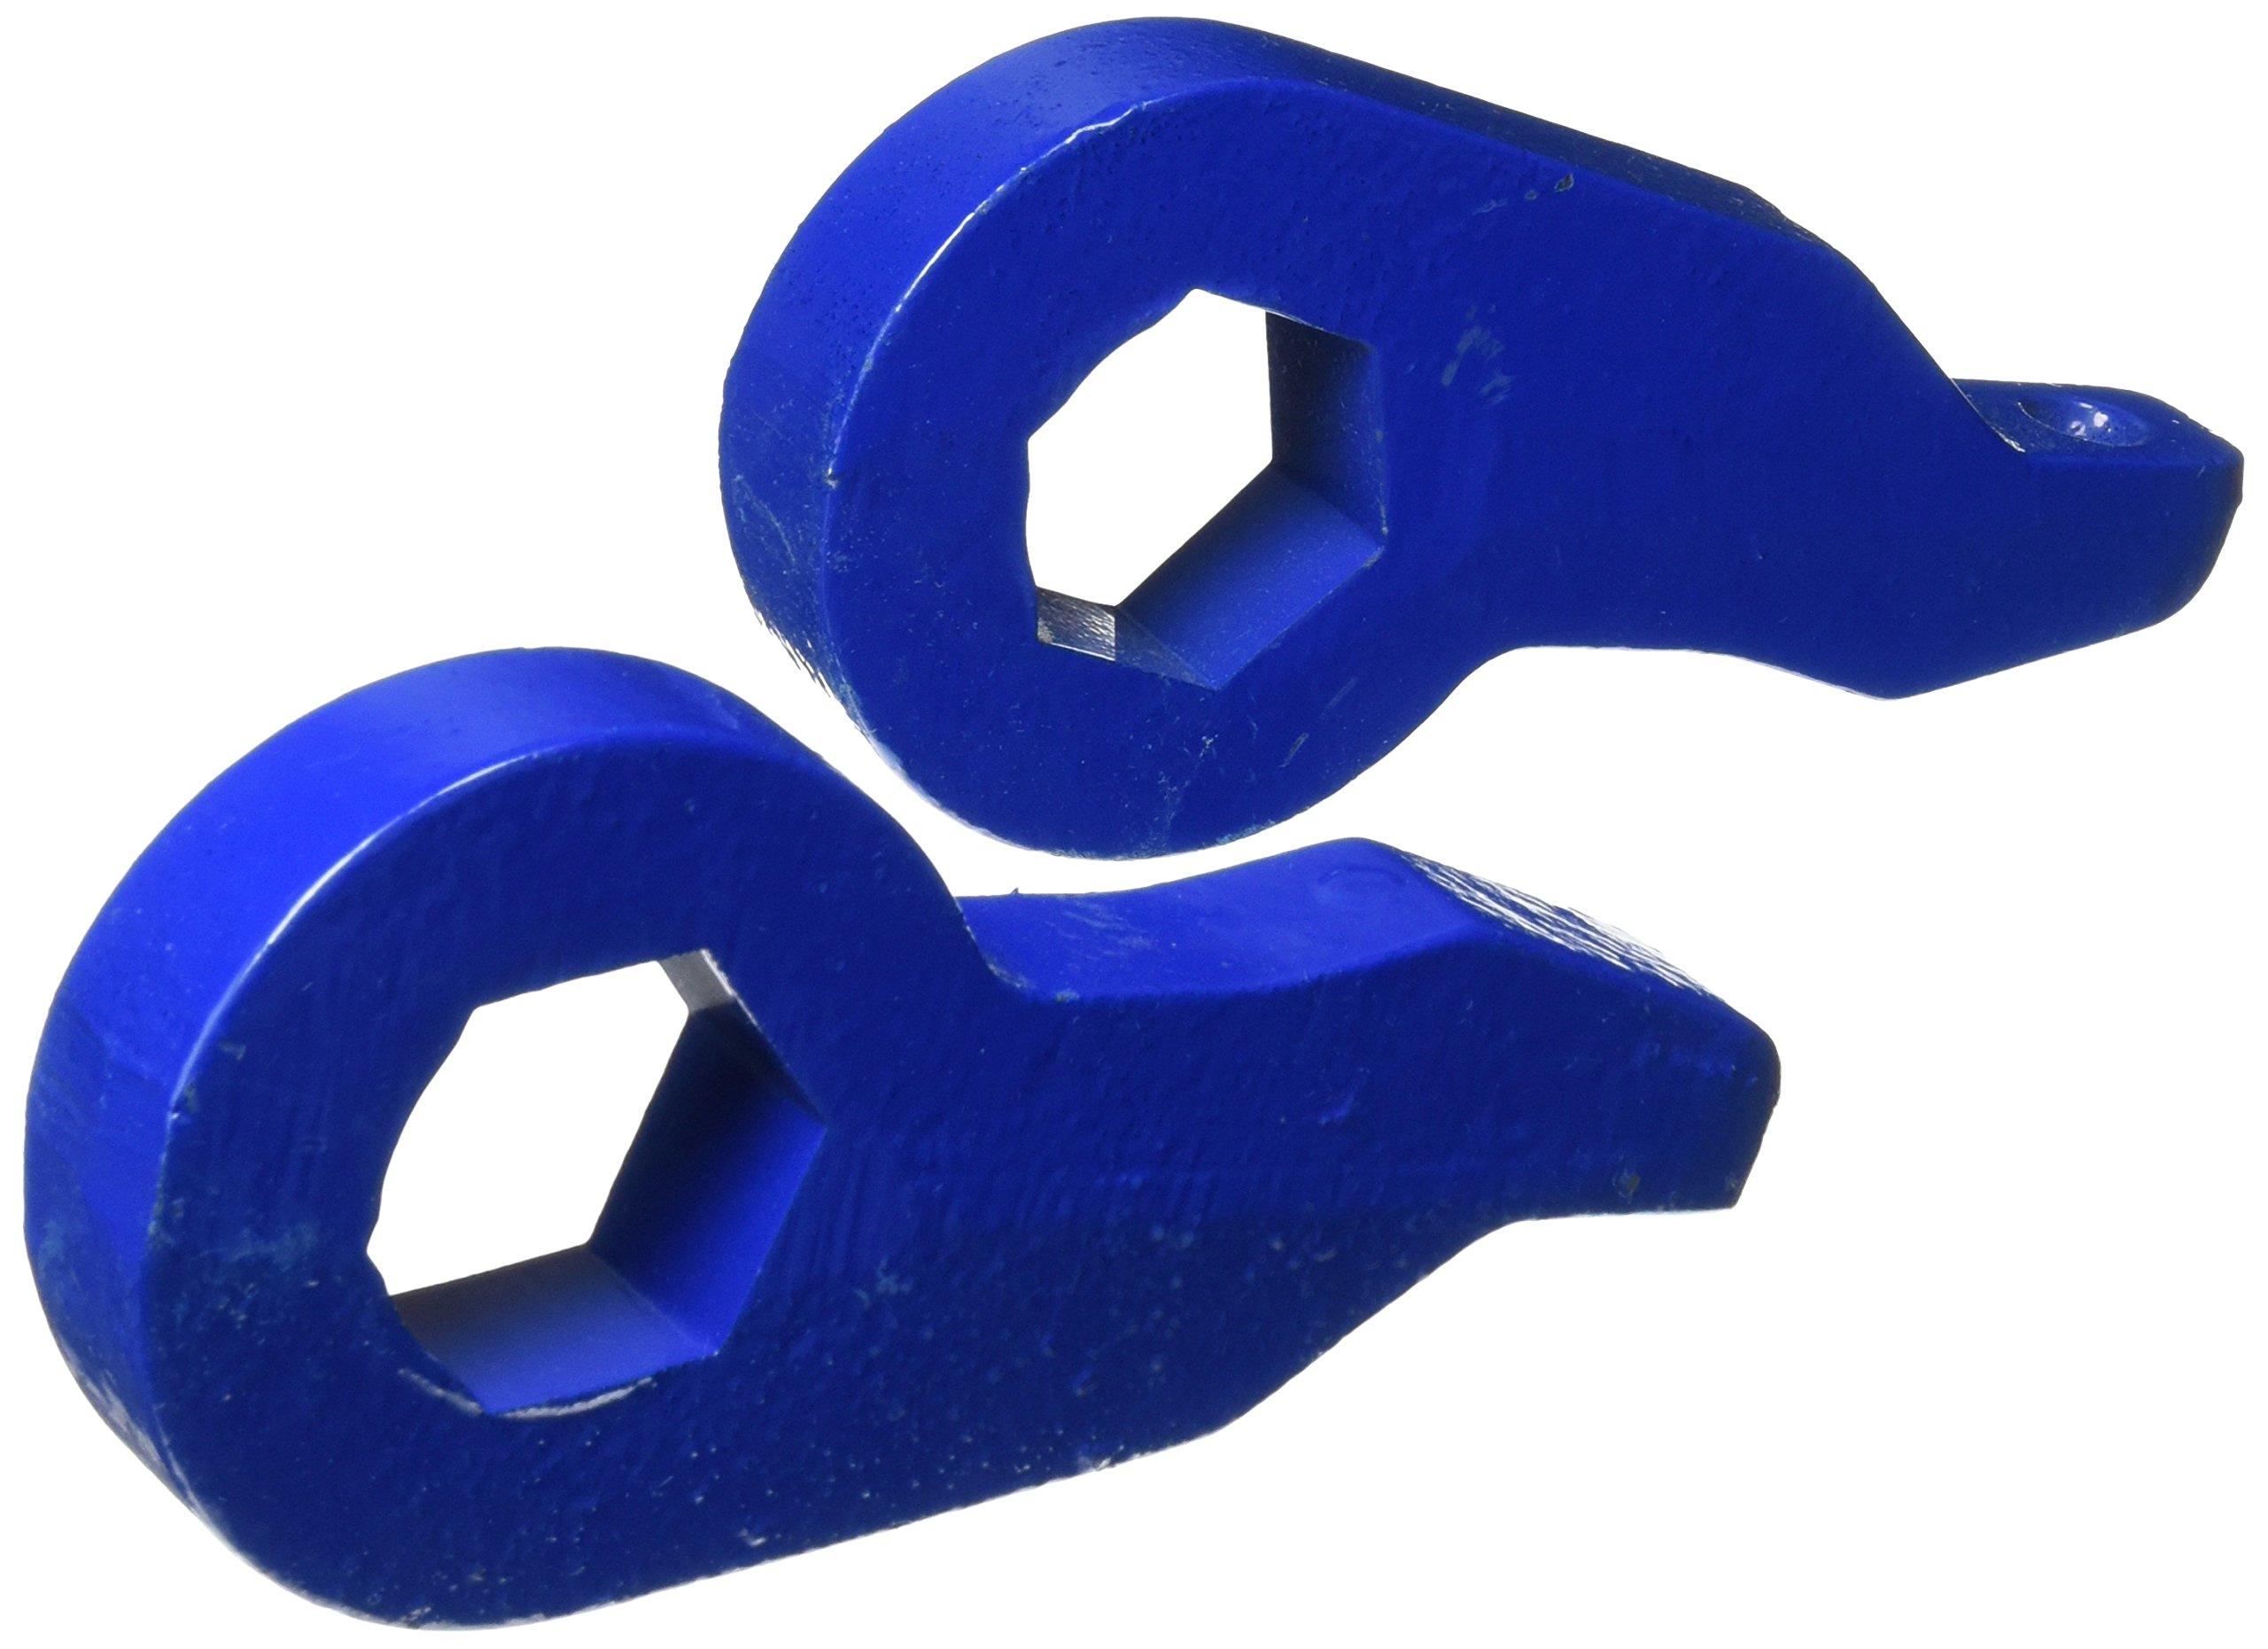 Belltech 3919 Torsion Bar Key Set by Belltech (Image #1)